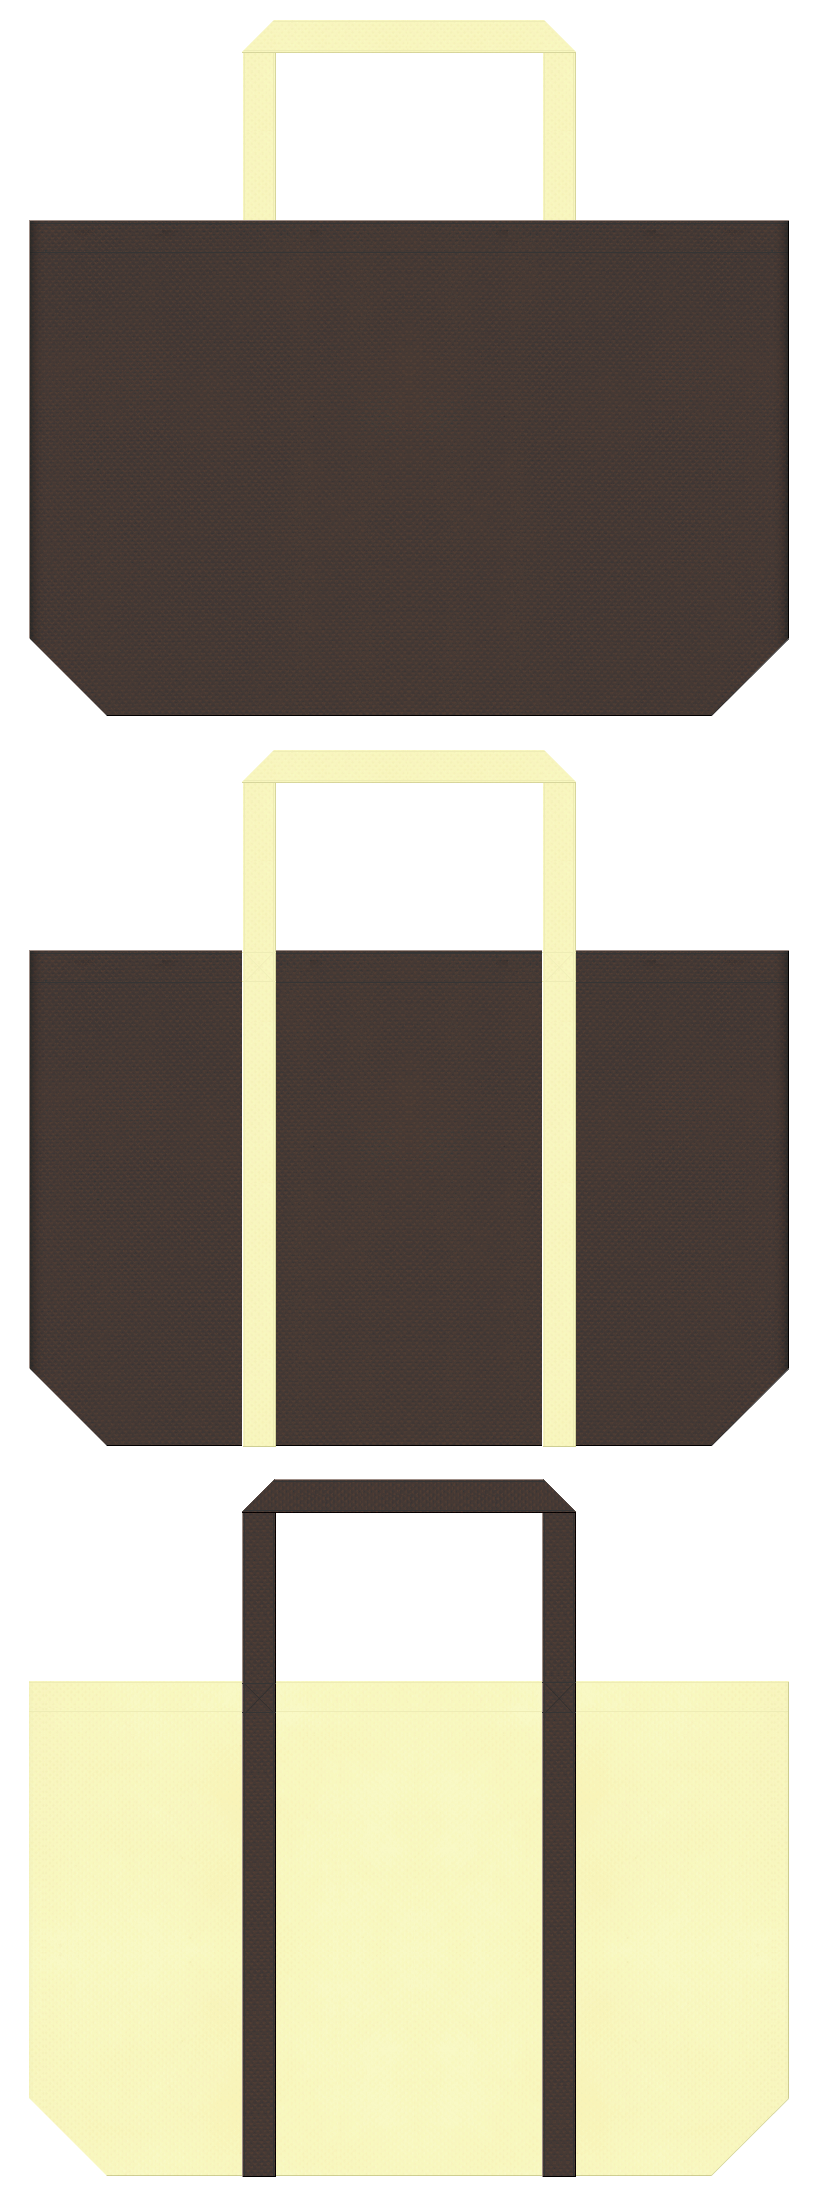 照明器具・マヨネーズ・チーズ・おつまみ・マーガリン・チョコクッキー・チョコバナナ・チョコクレープ・スイーツ・お月見・和菓子・石窯パン・クリームパン・カフェ・ベーカリーのショッピングバッグにお奨めの不織布バッグデザイン:こげ茶色と薄黄色のコーデ